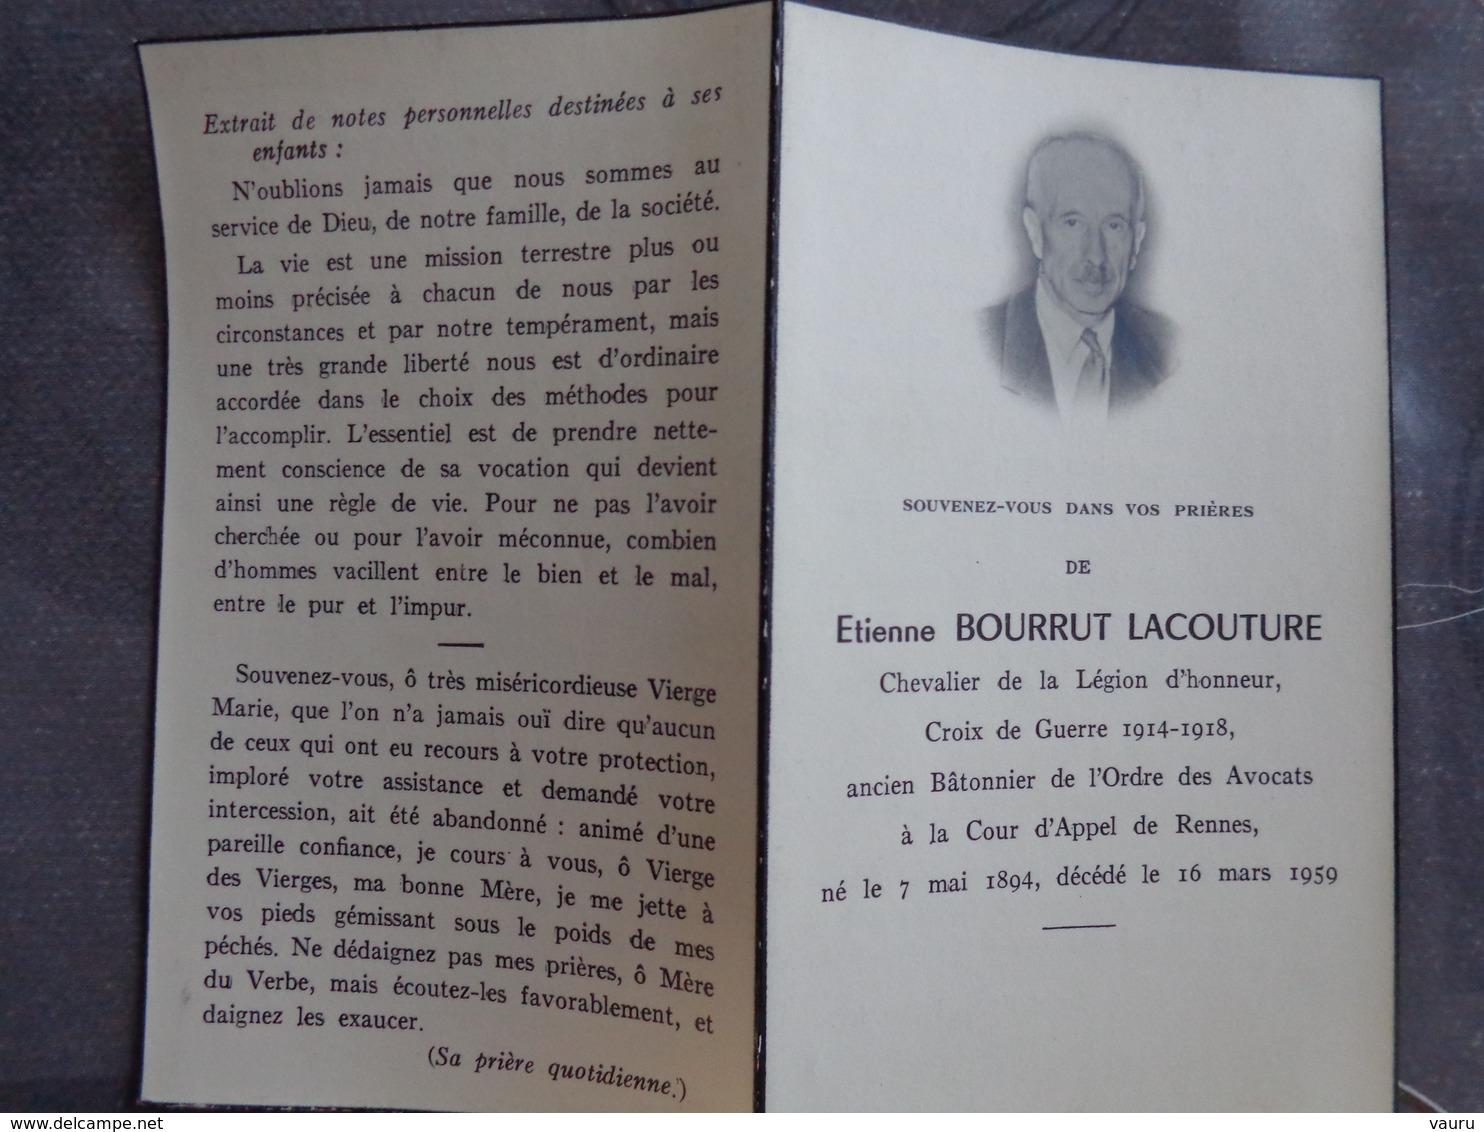 FAIRE PART DE DÉCÈS ETIENNE  BOURRUT LACOUTURE LEGION D'HONNEUR CROIX DE GUERRE AVOCAT RENNES 16 MARS 1959 - Décès